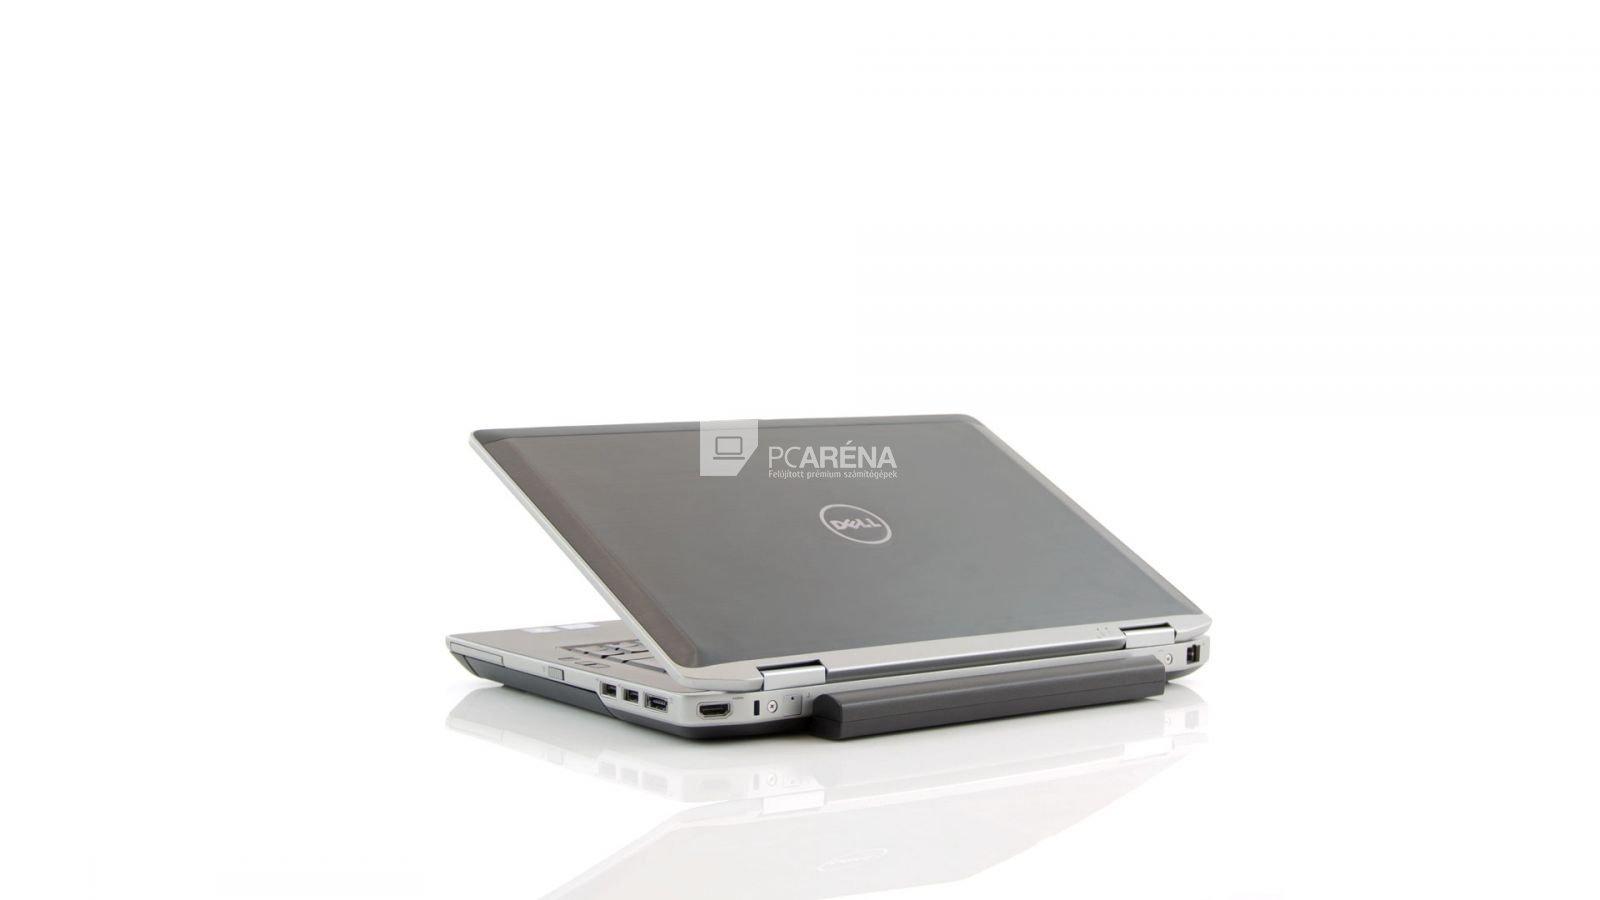 Dell Latitude E6420 HUN laptop